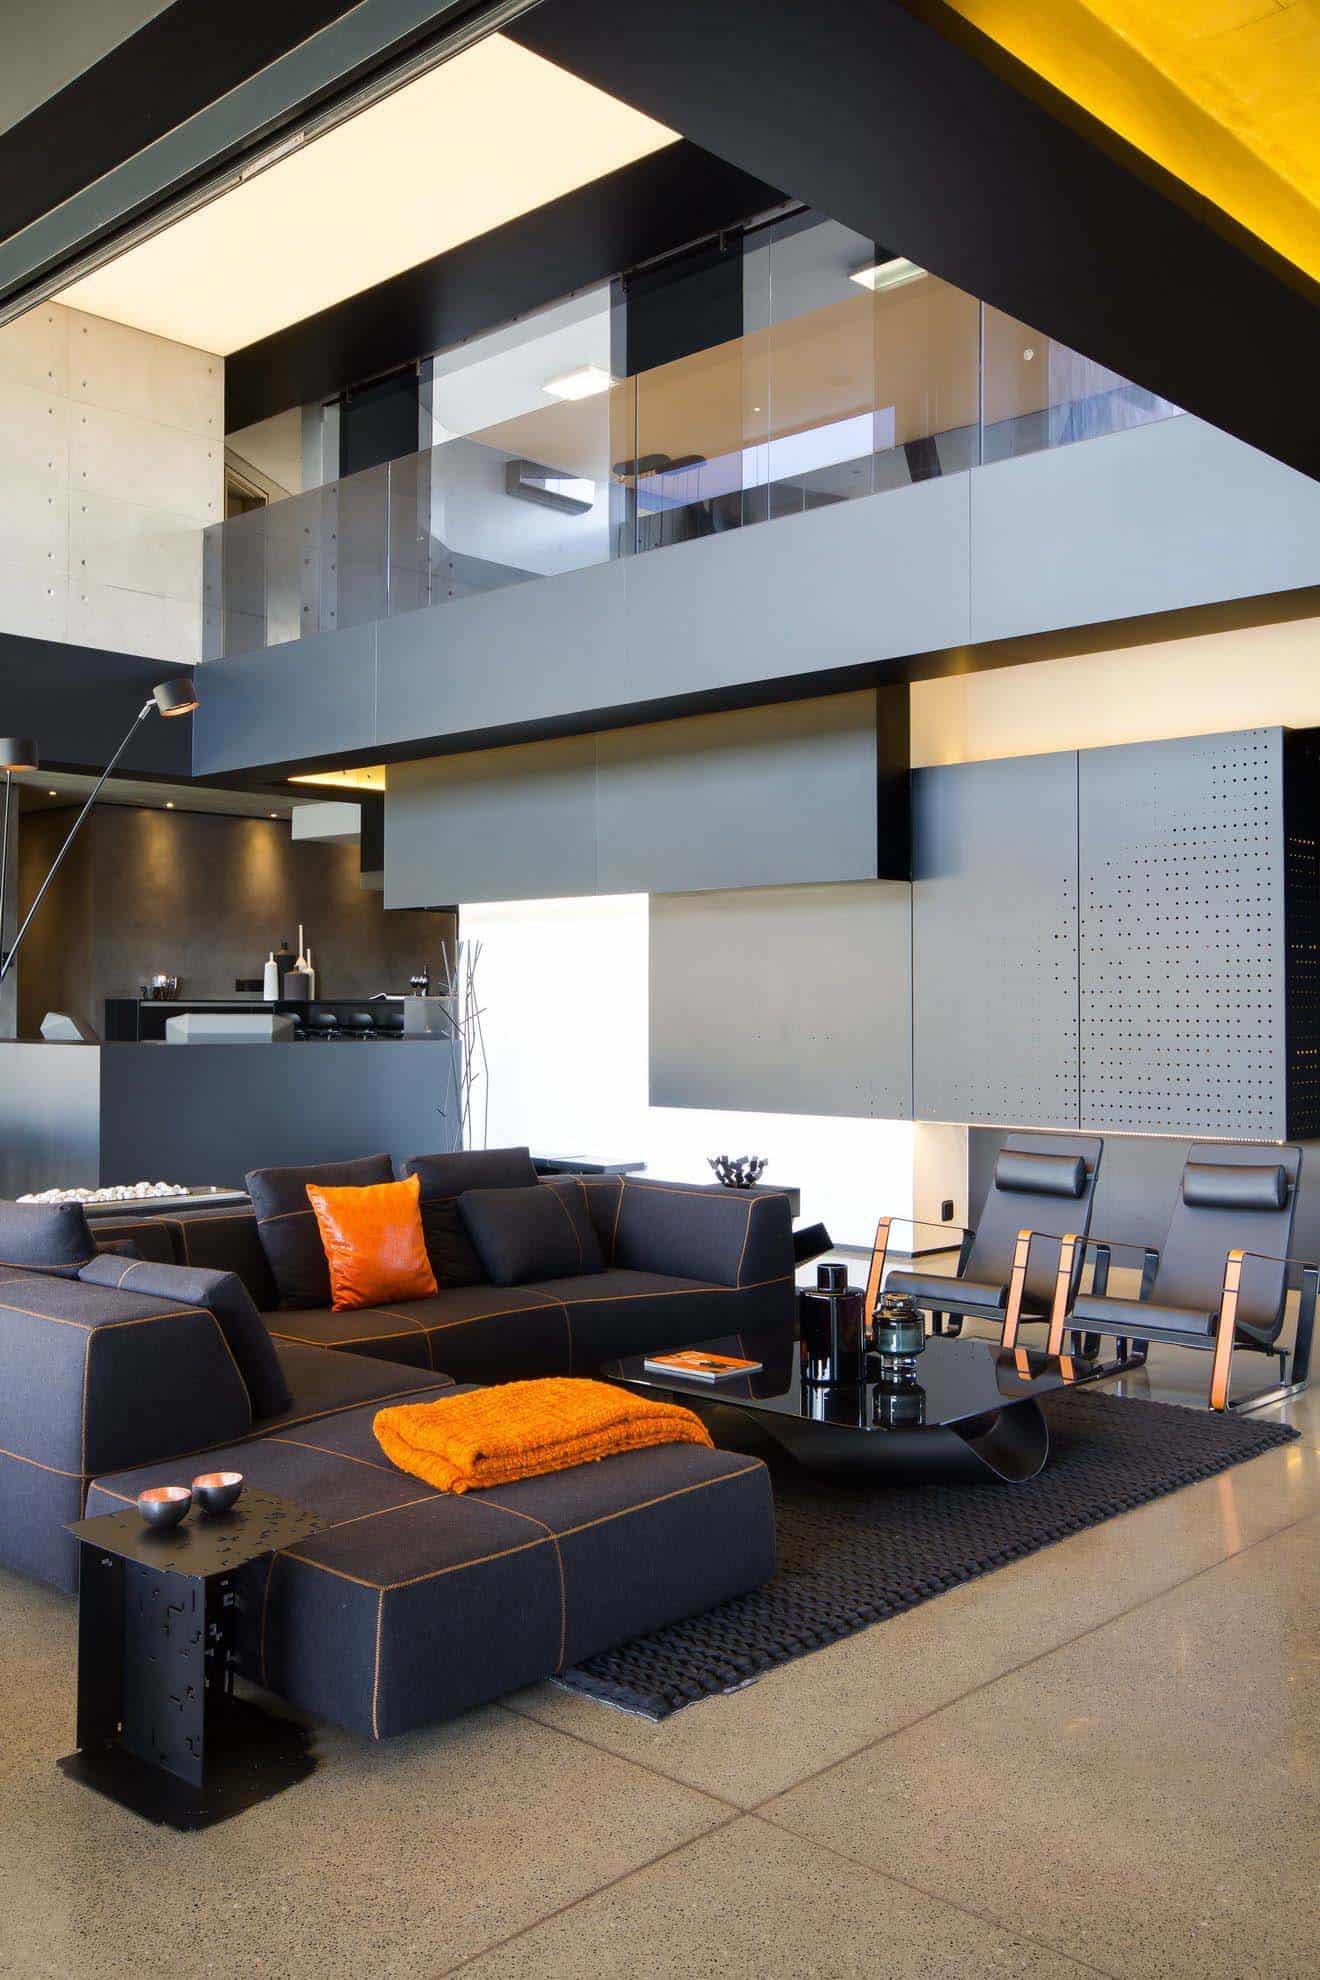 Imposing Modern Residence-Werner van der Meulen-07-1 Kindesign